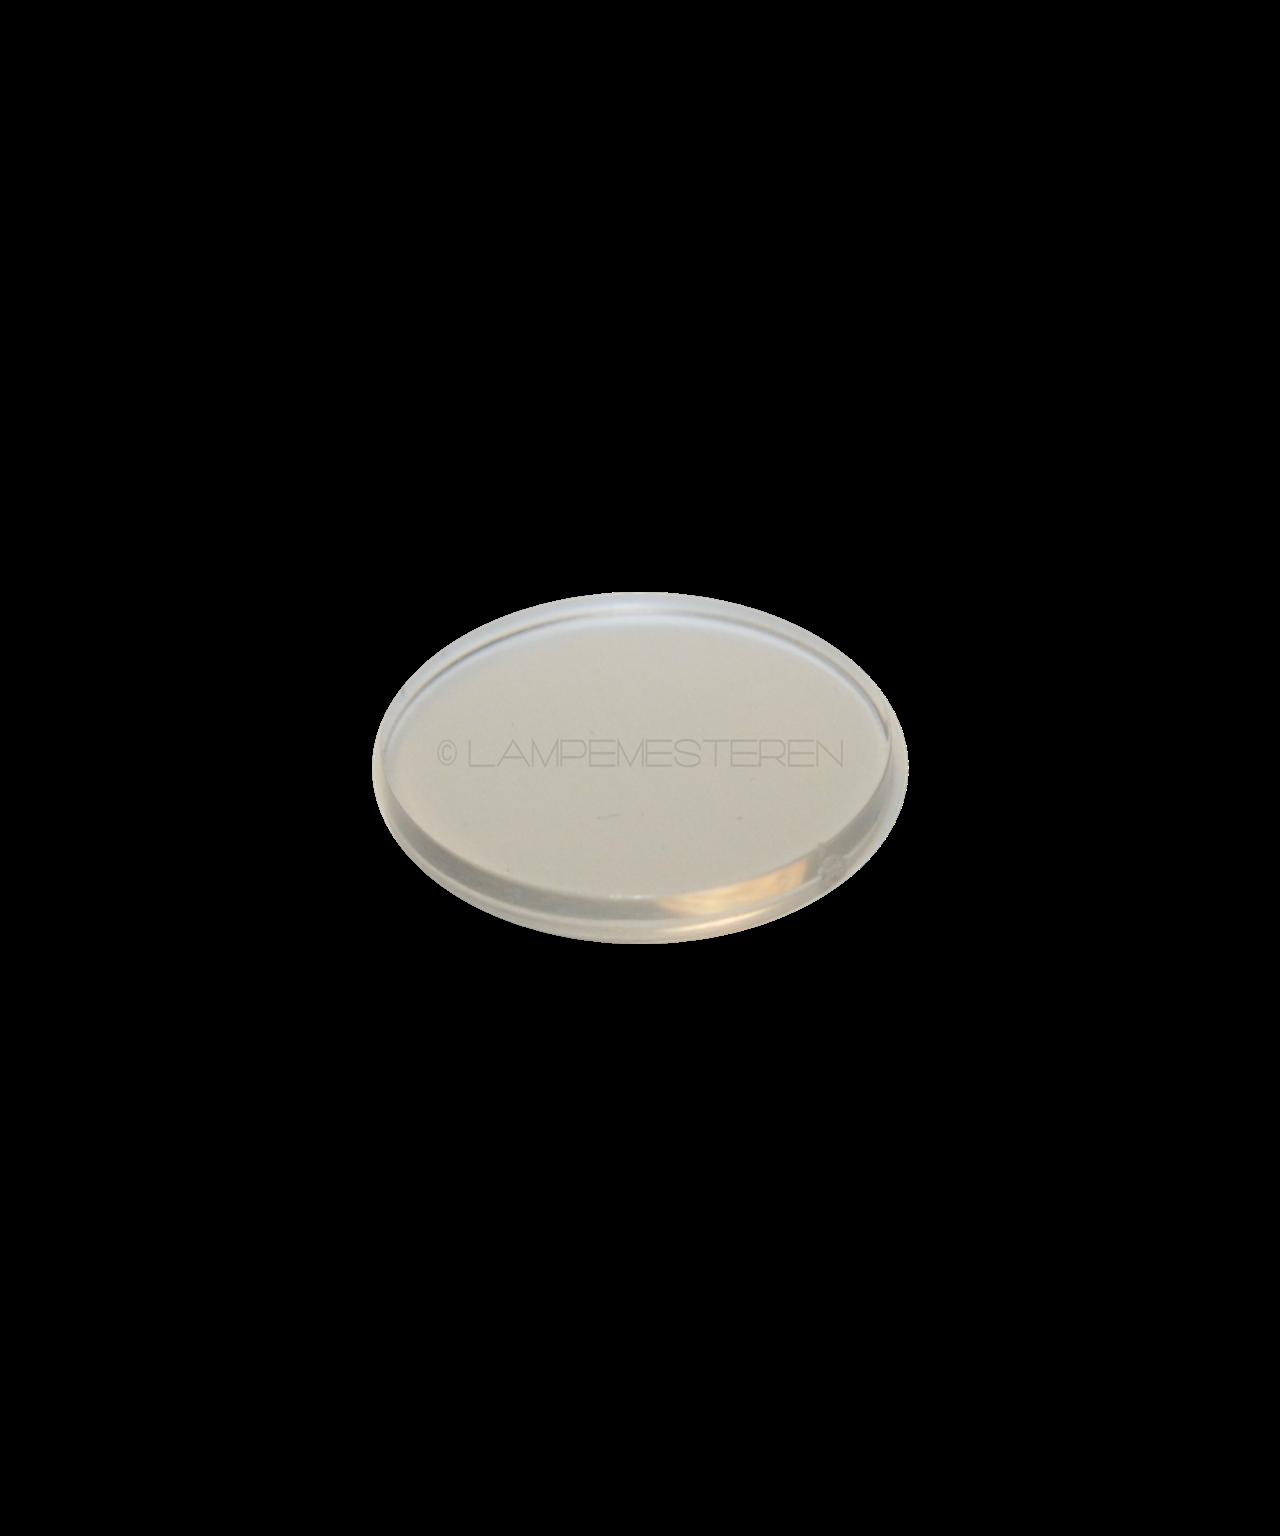 De små runde tunger/ører der sidder på nederste halvkugle til at holde skærmene på plads. Pose med 1 styk. Passer til alle VP Globe versioner og størrelser. Bemærk at de skal limes med en speciel lim for ikke at efterlade en synlig mælkehvid samling.